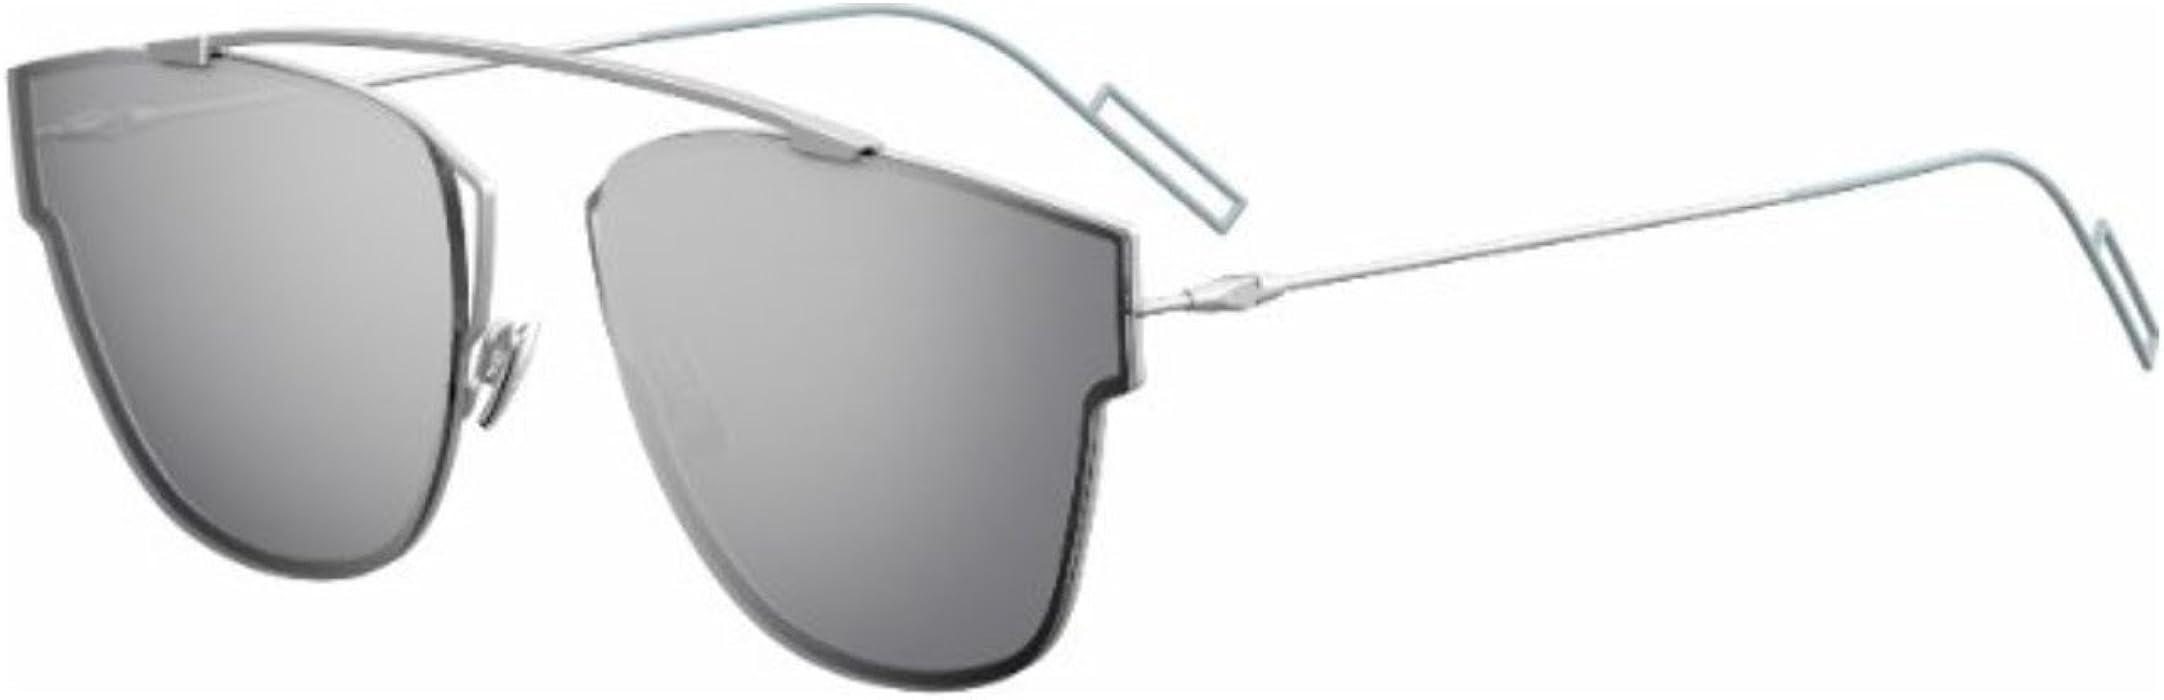 a4b6092a03cd1 Christian Dior 0204 S Sunglasses Matte Palladium Silver Mirror